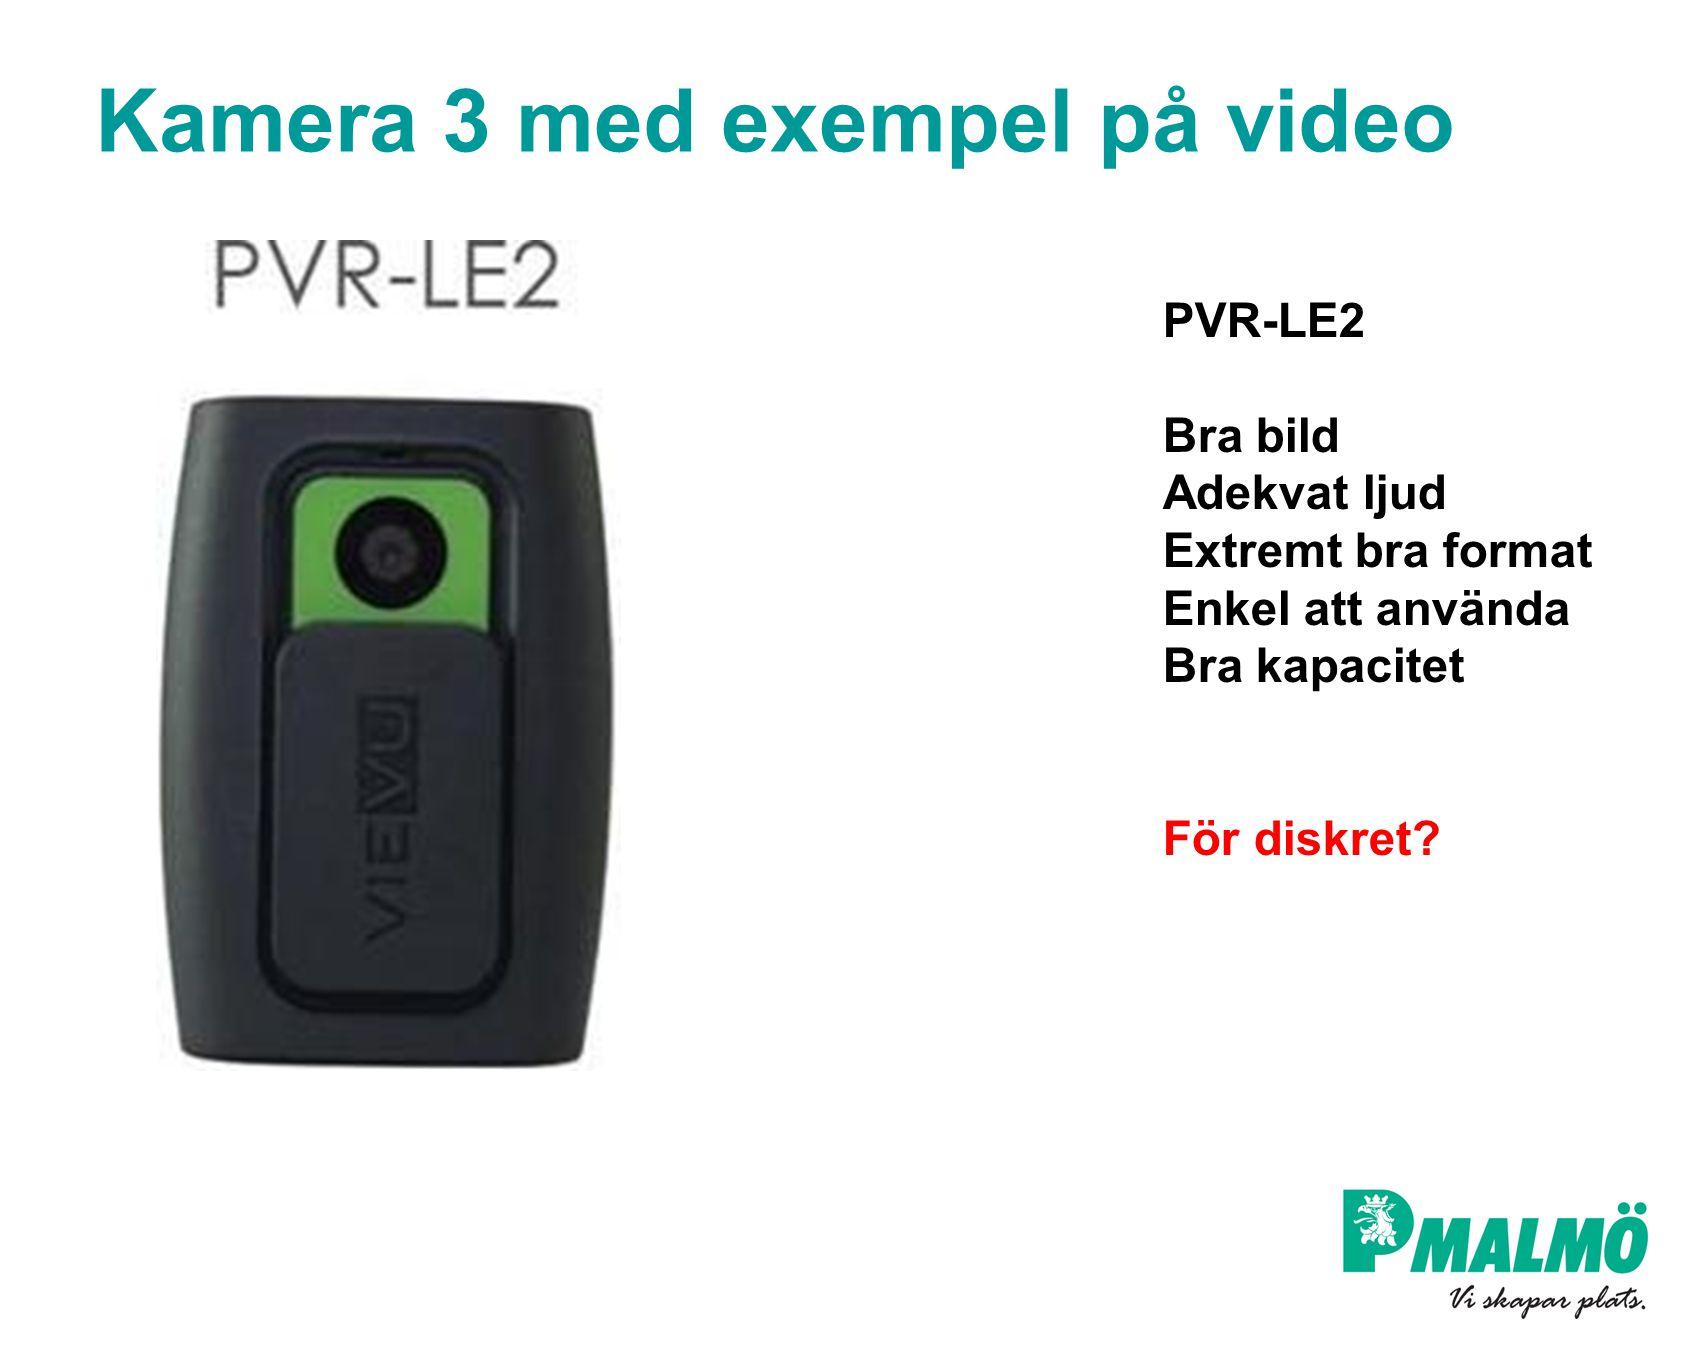 Kamera 3 med exempel på video PVR-LE2 Bra bild Adekvat ljud Extremt bra format Enkel att använda Bra kapacitet För diskret?